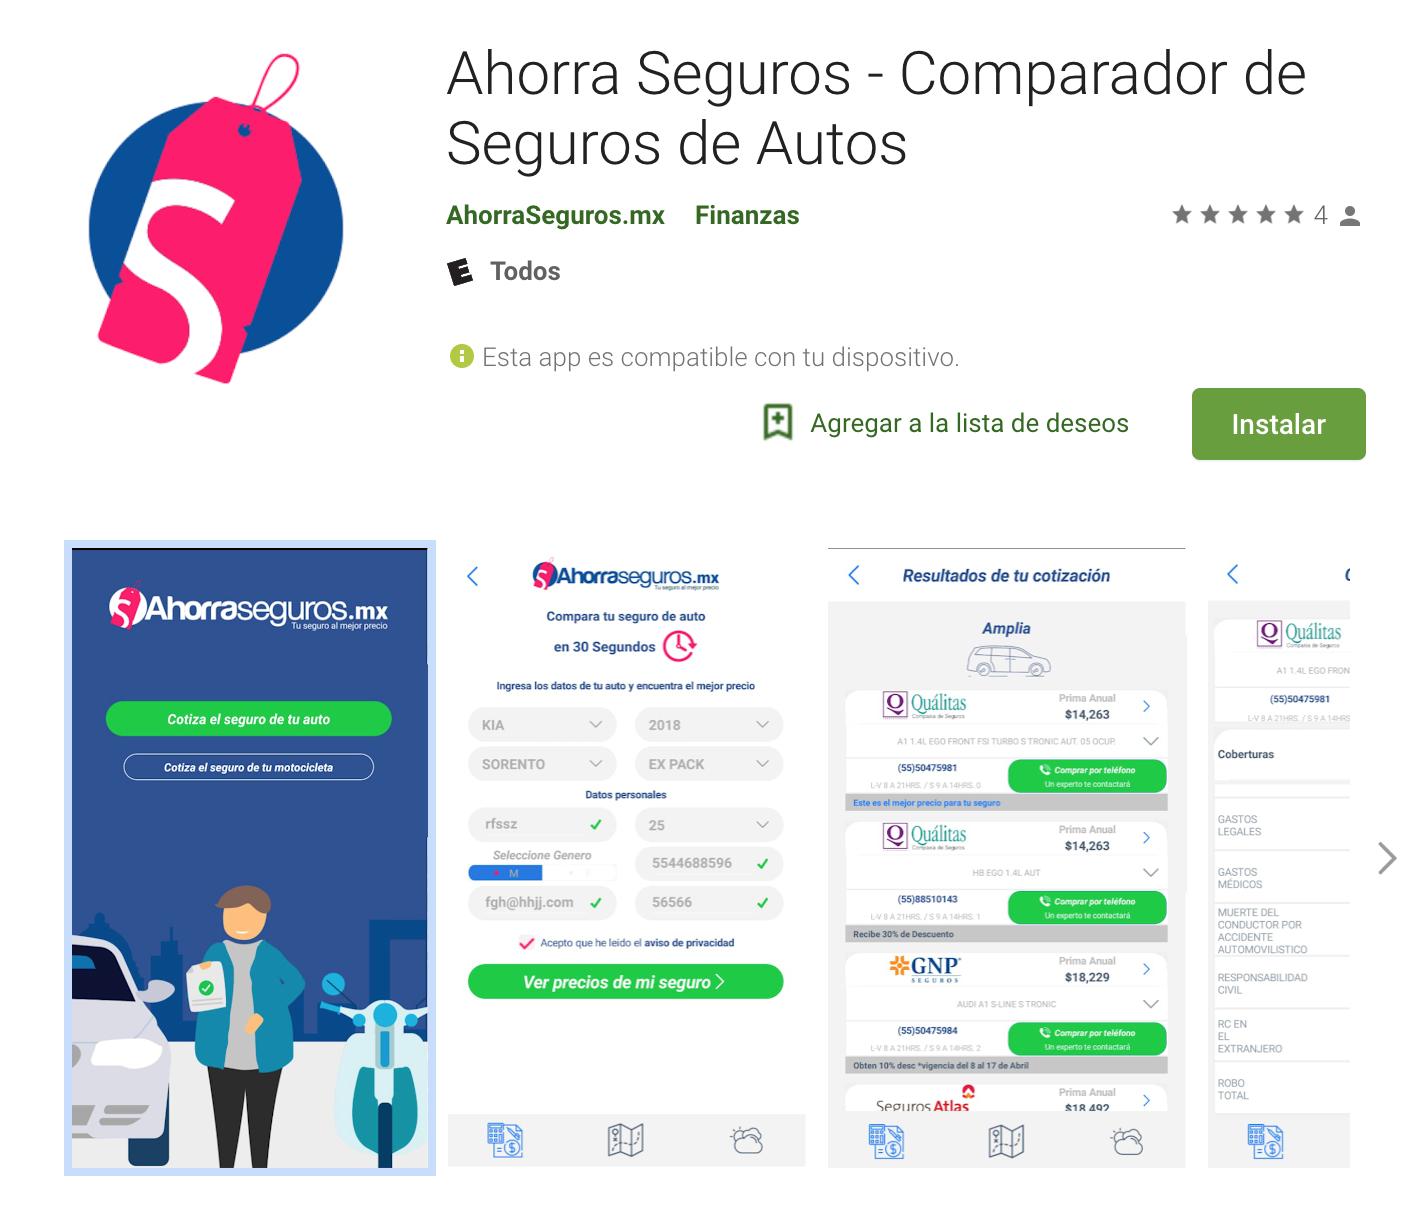 Lanzan App para comparar todos los seguros de autos en Segundos: AhorraSeguros